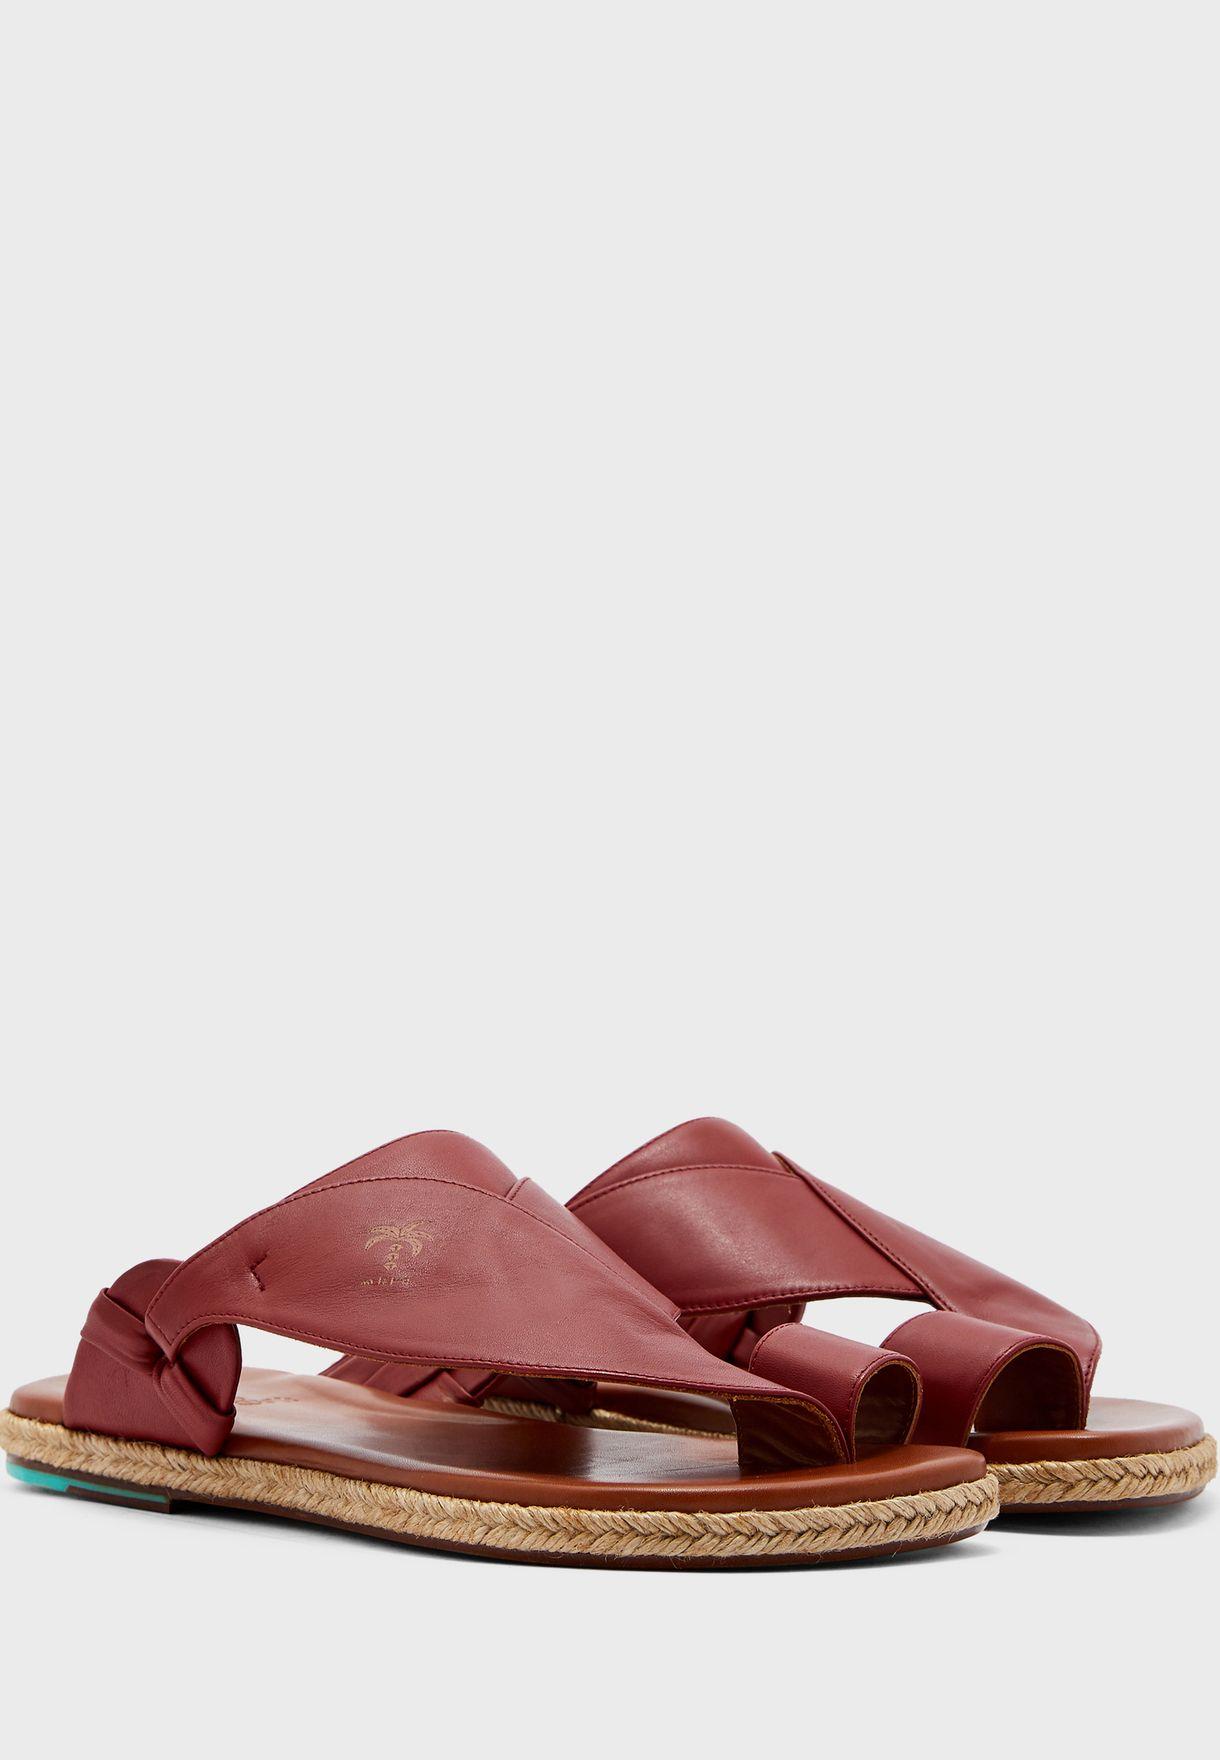 Karaba Wide Strap Sandals